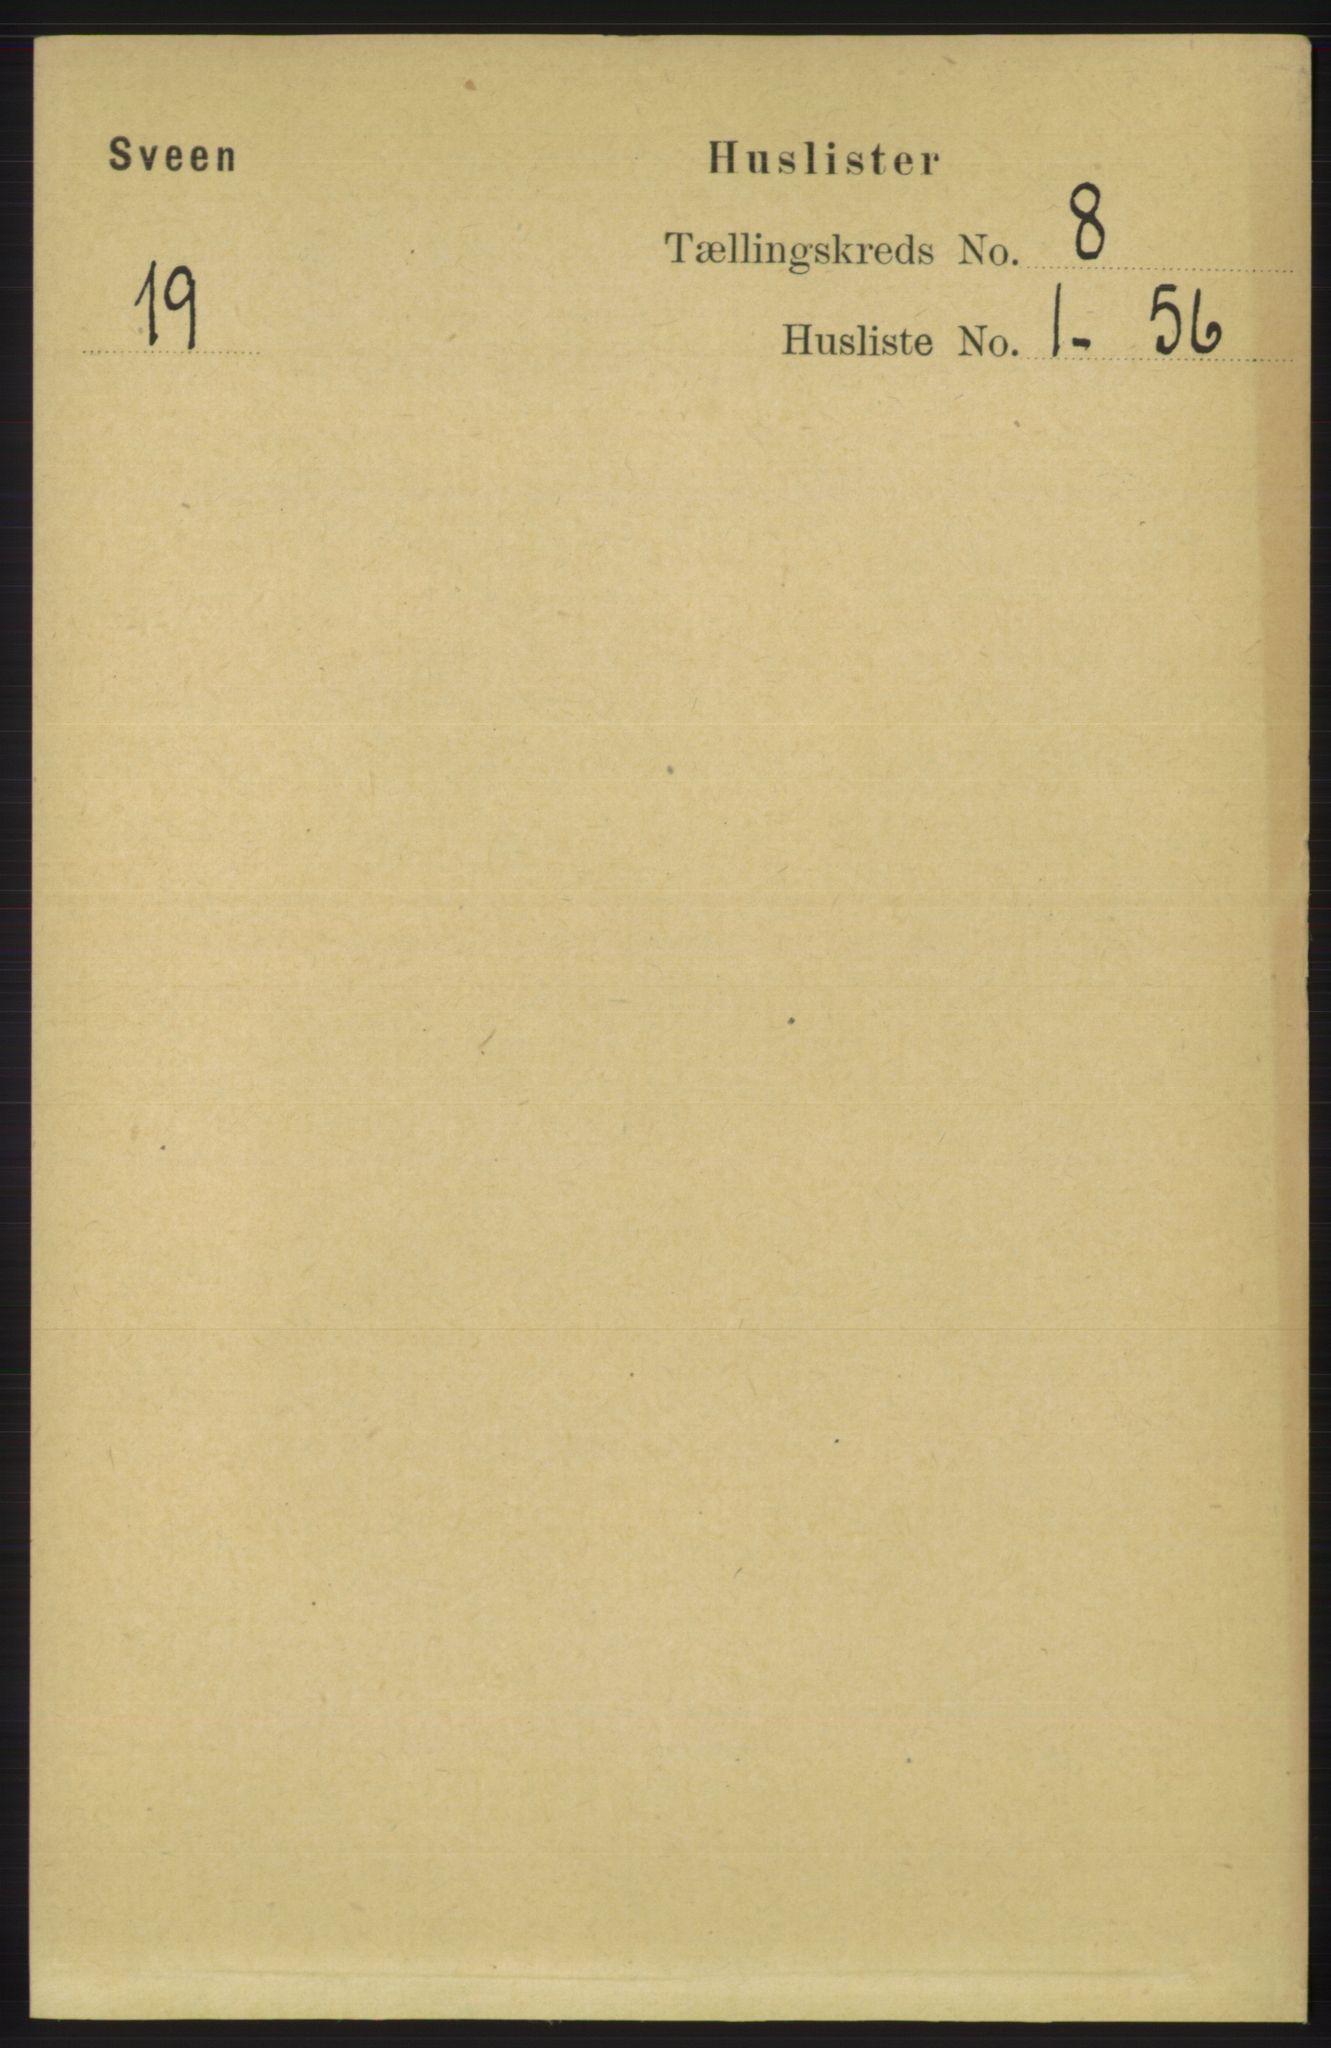 RA, Folketelling 1891 for 1216 Sveio herred, 1891, s. 2294